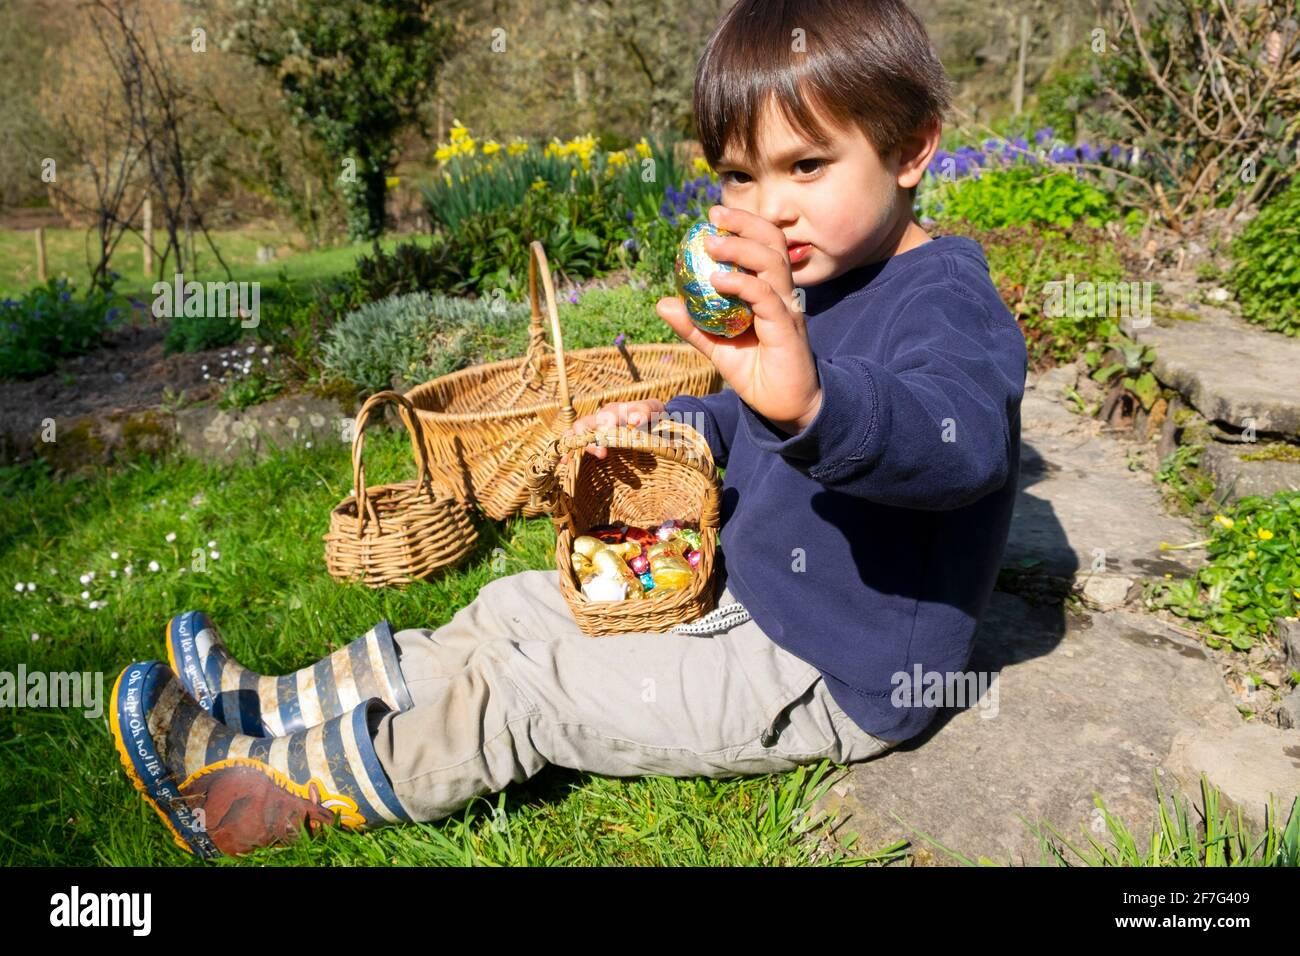 Bambino ragazzo seduto in giardino dopo la caccia all'uovo di Pasqua Con cestino di uova di Pasqua che tengono mostrando uovo di cioccolato grande Nella sua mano Galles UK KATHY DEWITT Foto Stock